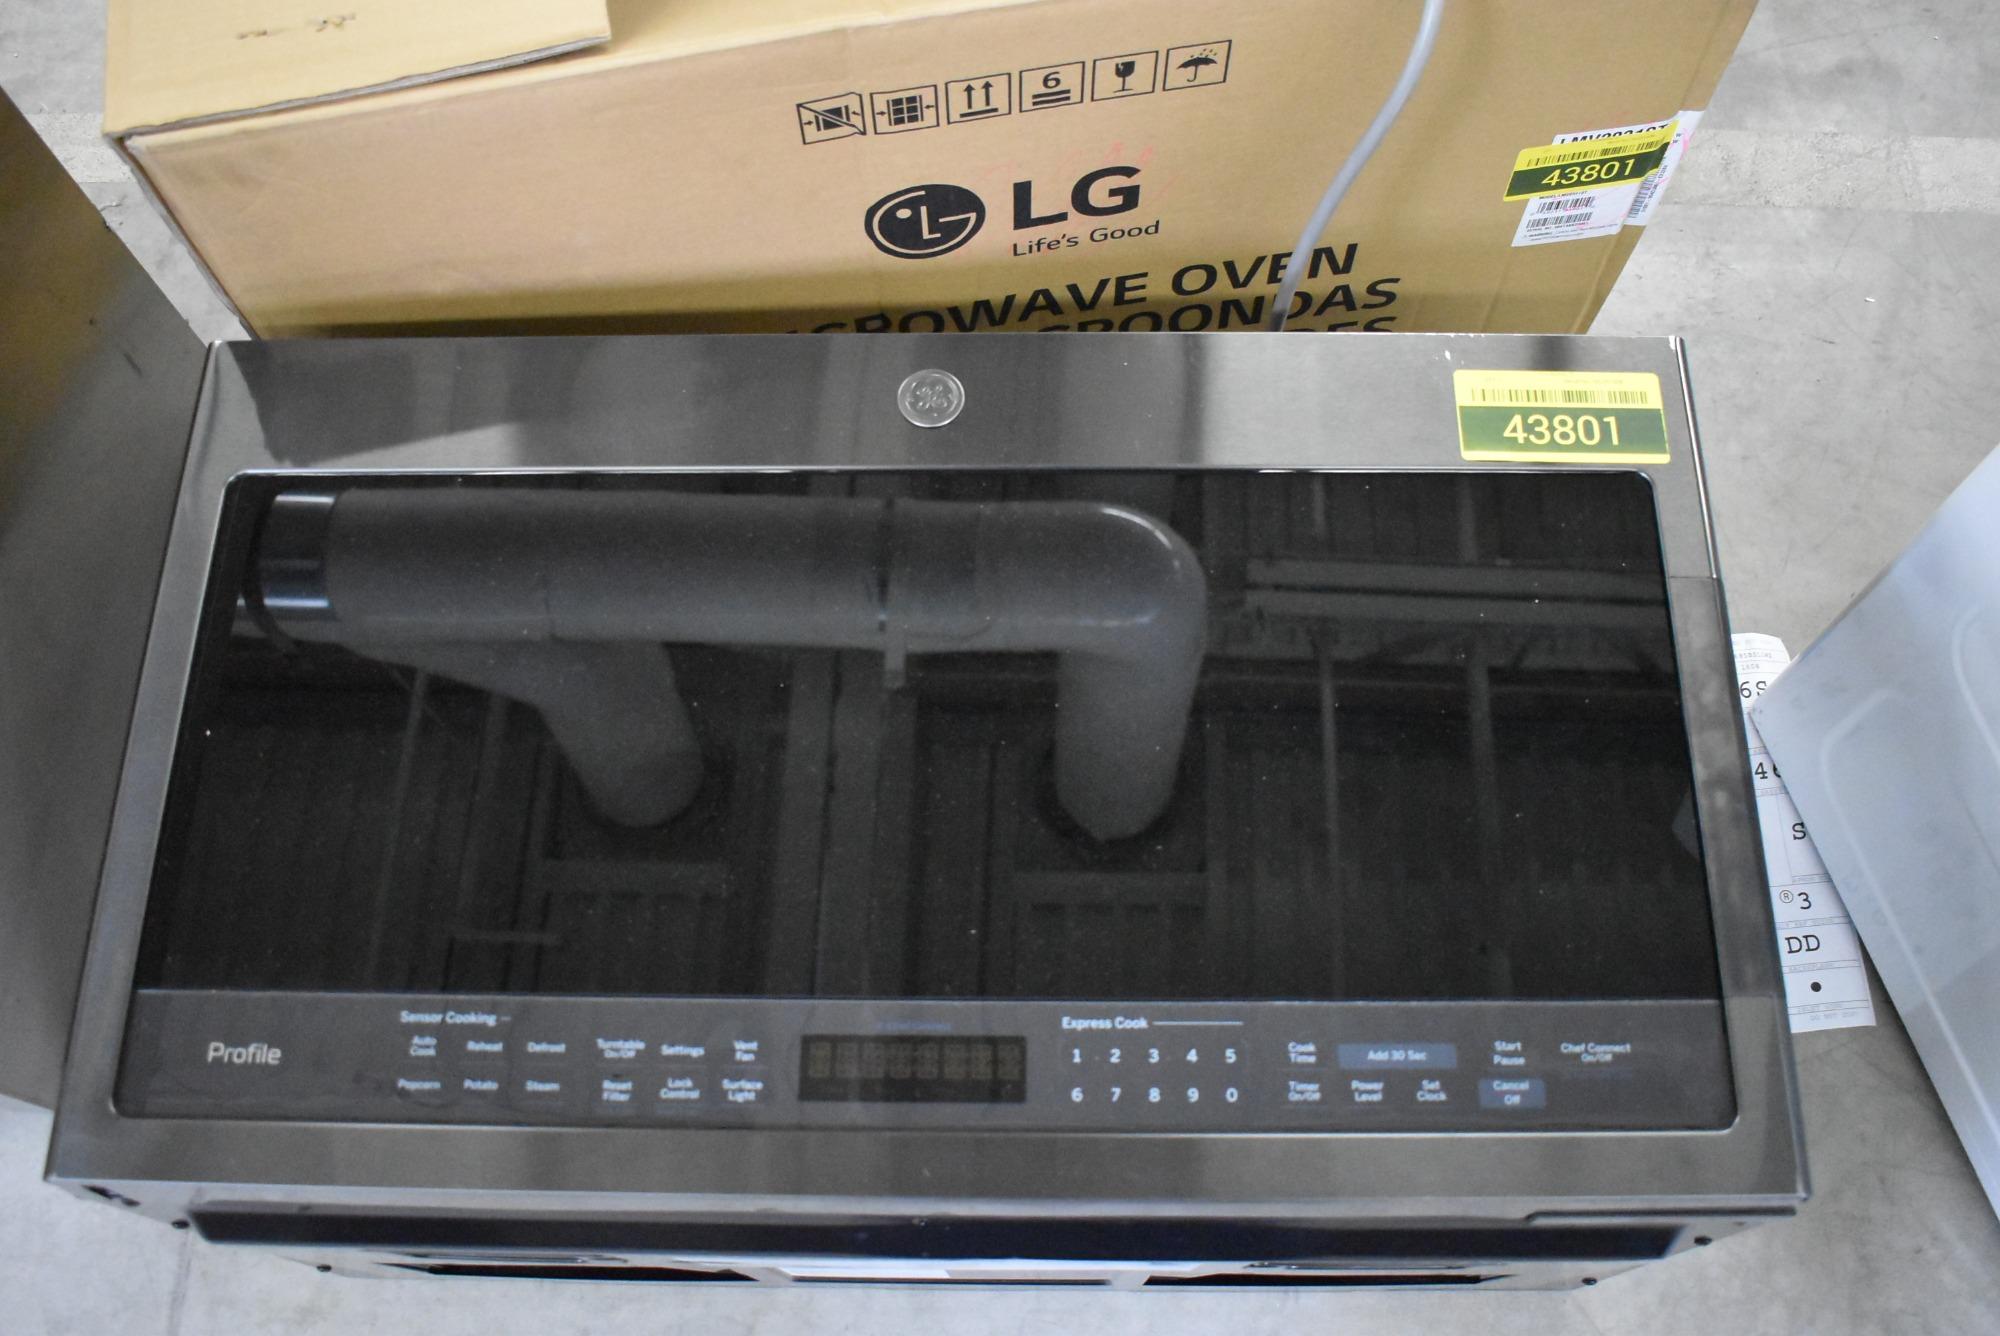 GE PVM9005BLTS 30